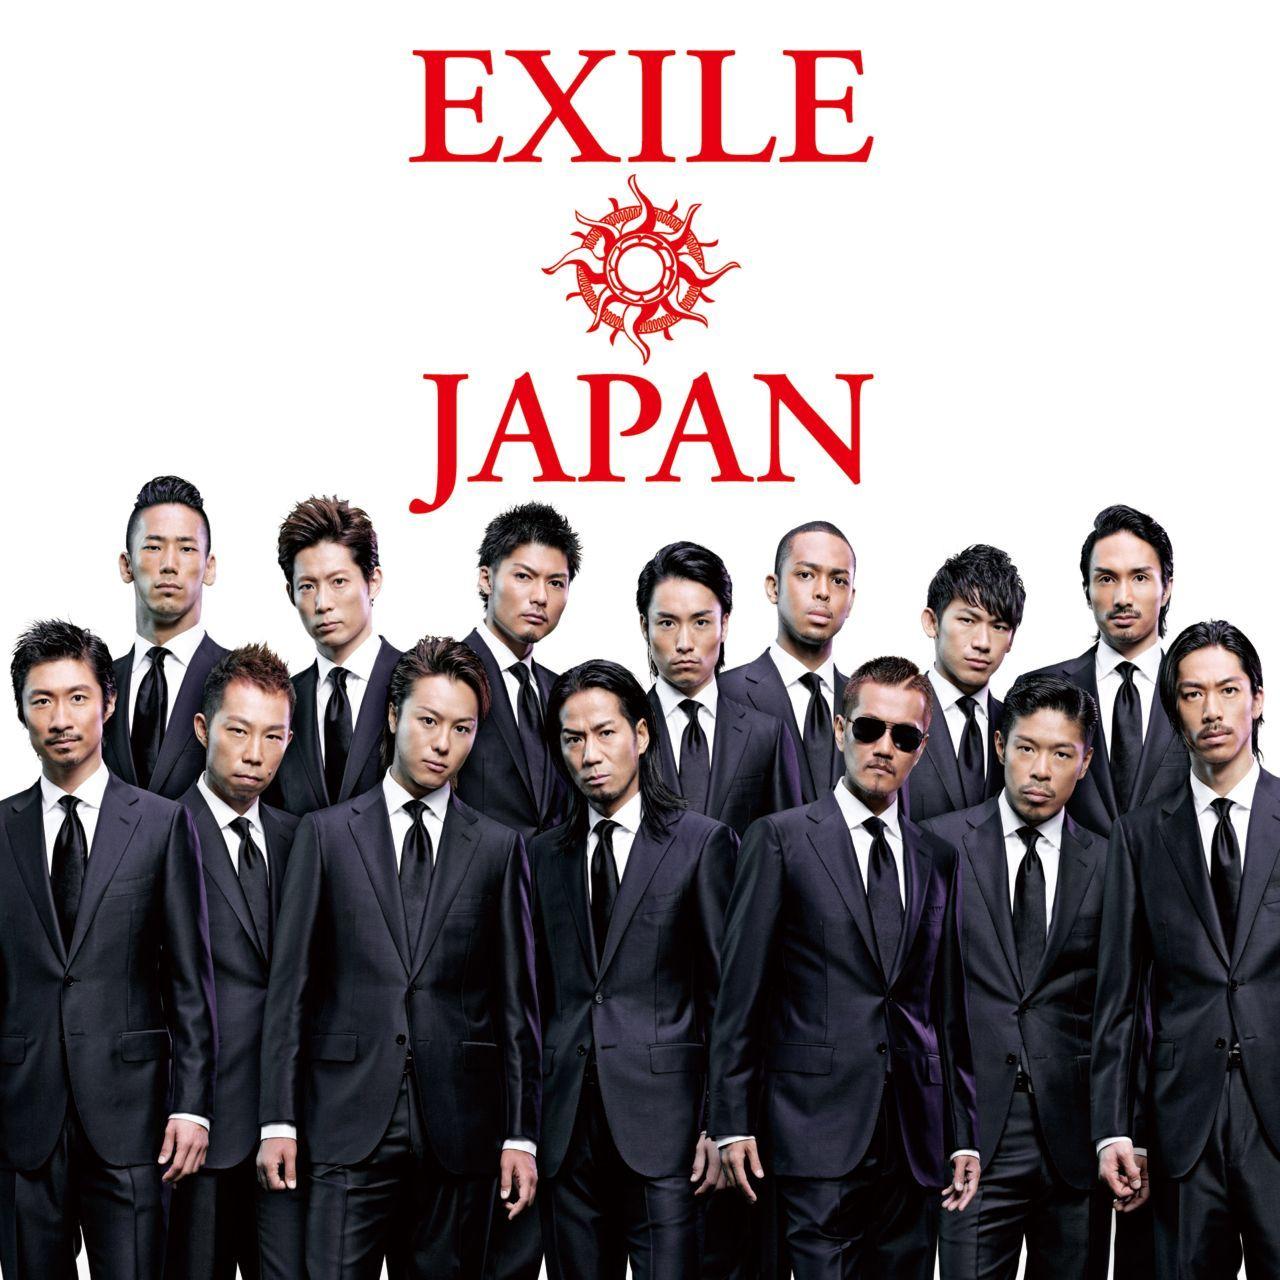 【身長ランキング】EXILE・19名のメンバーを徹底検証していきます!のサムネイル画像